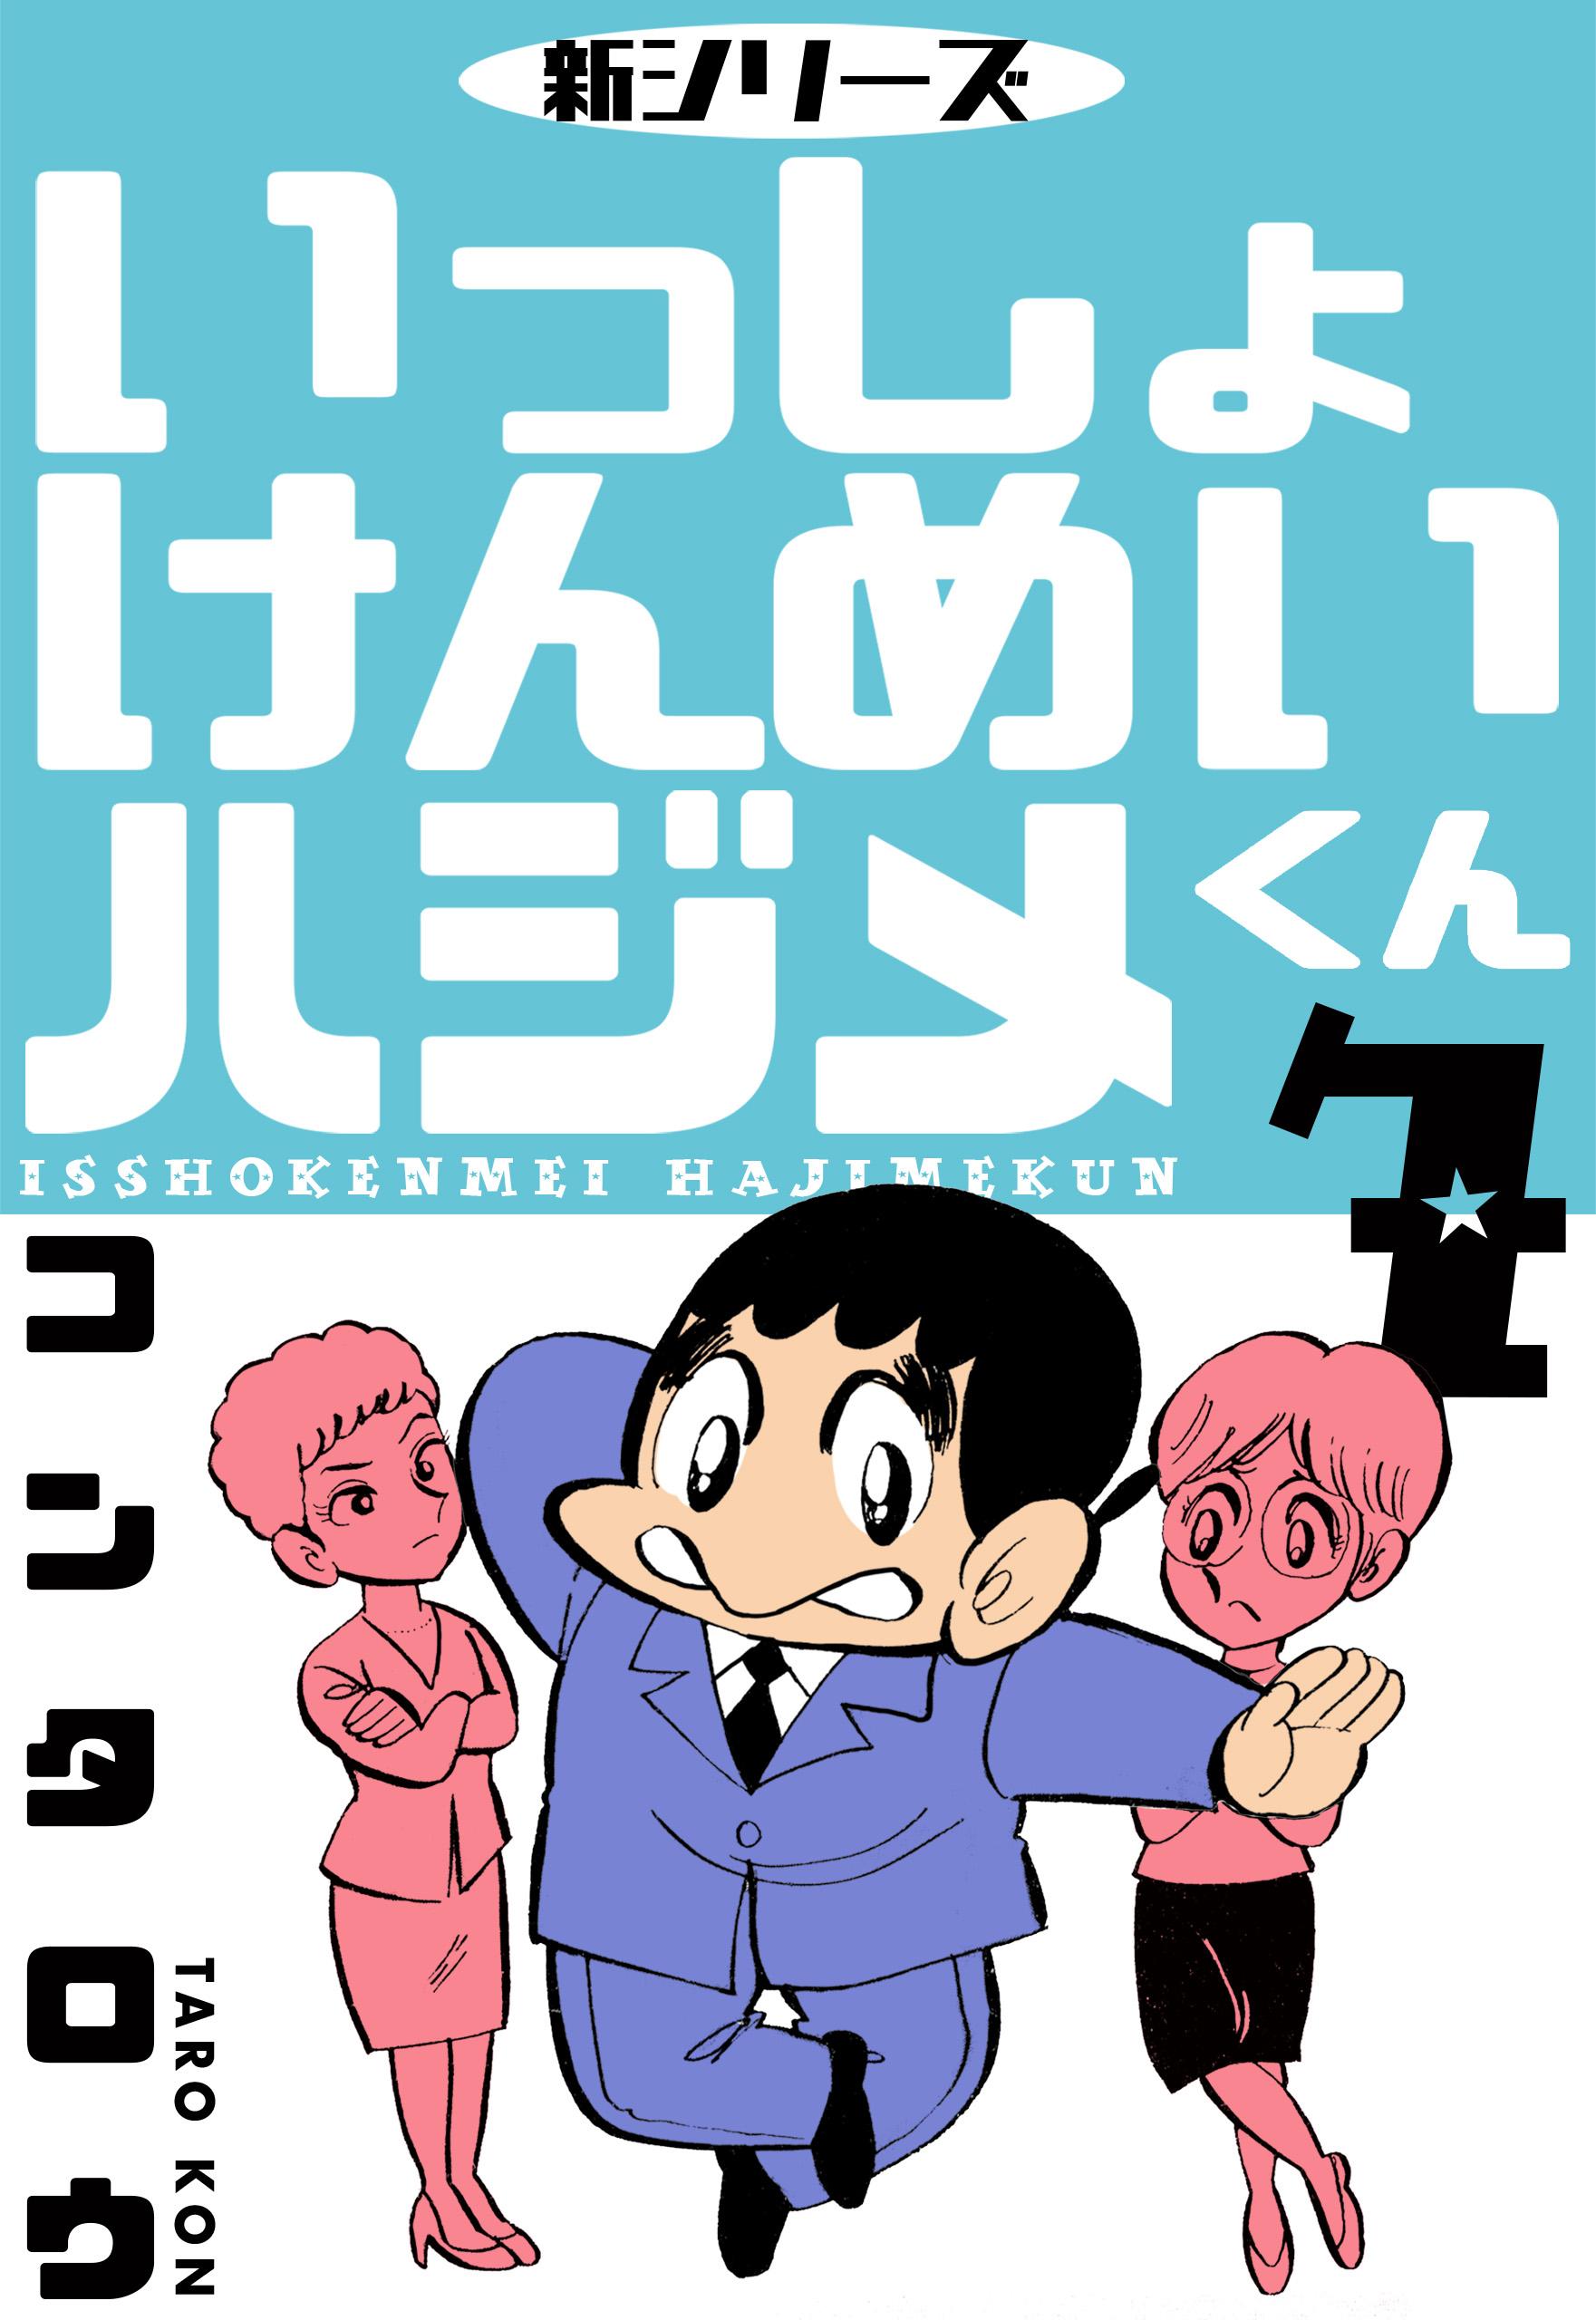 新シリーズ いっしょけんめいハジメくん(第7巻)